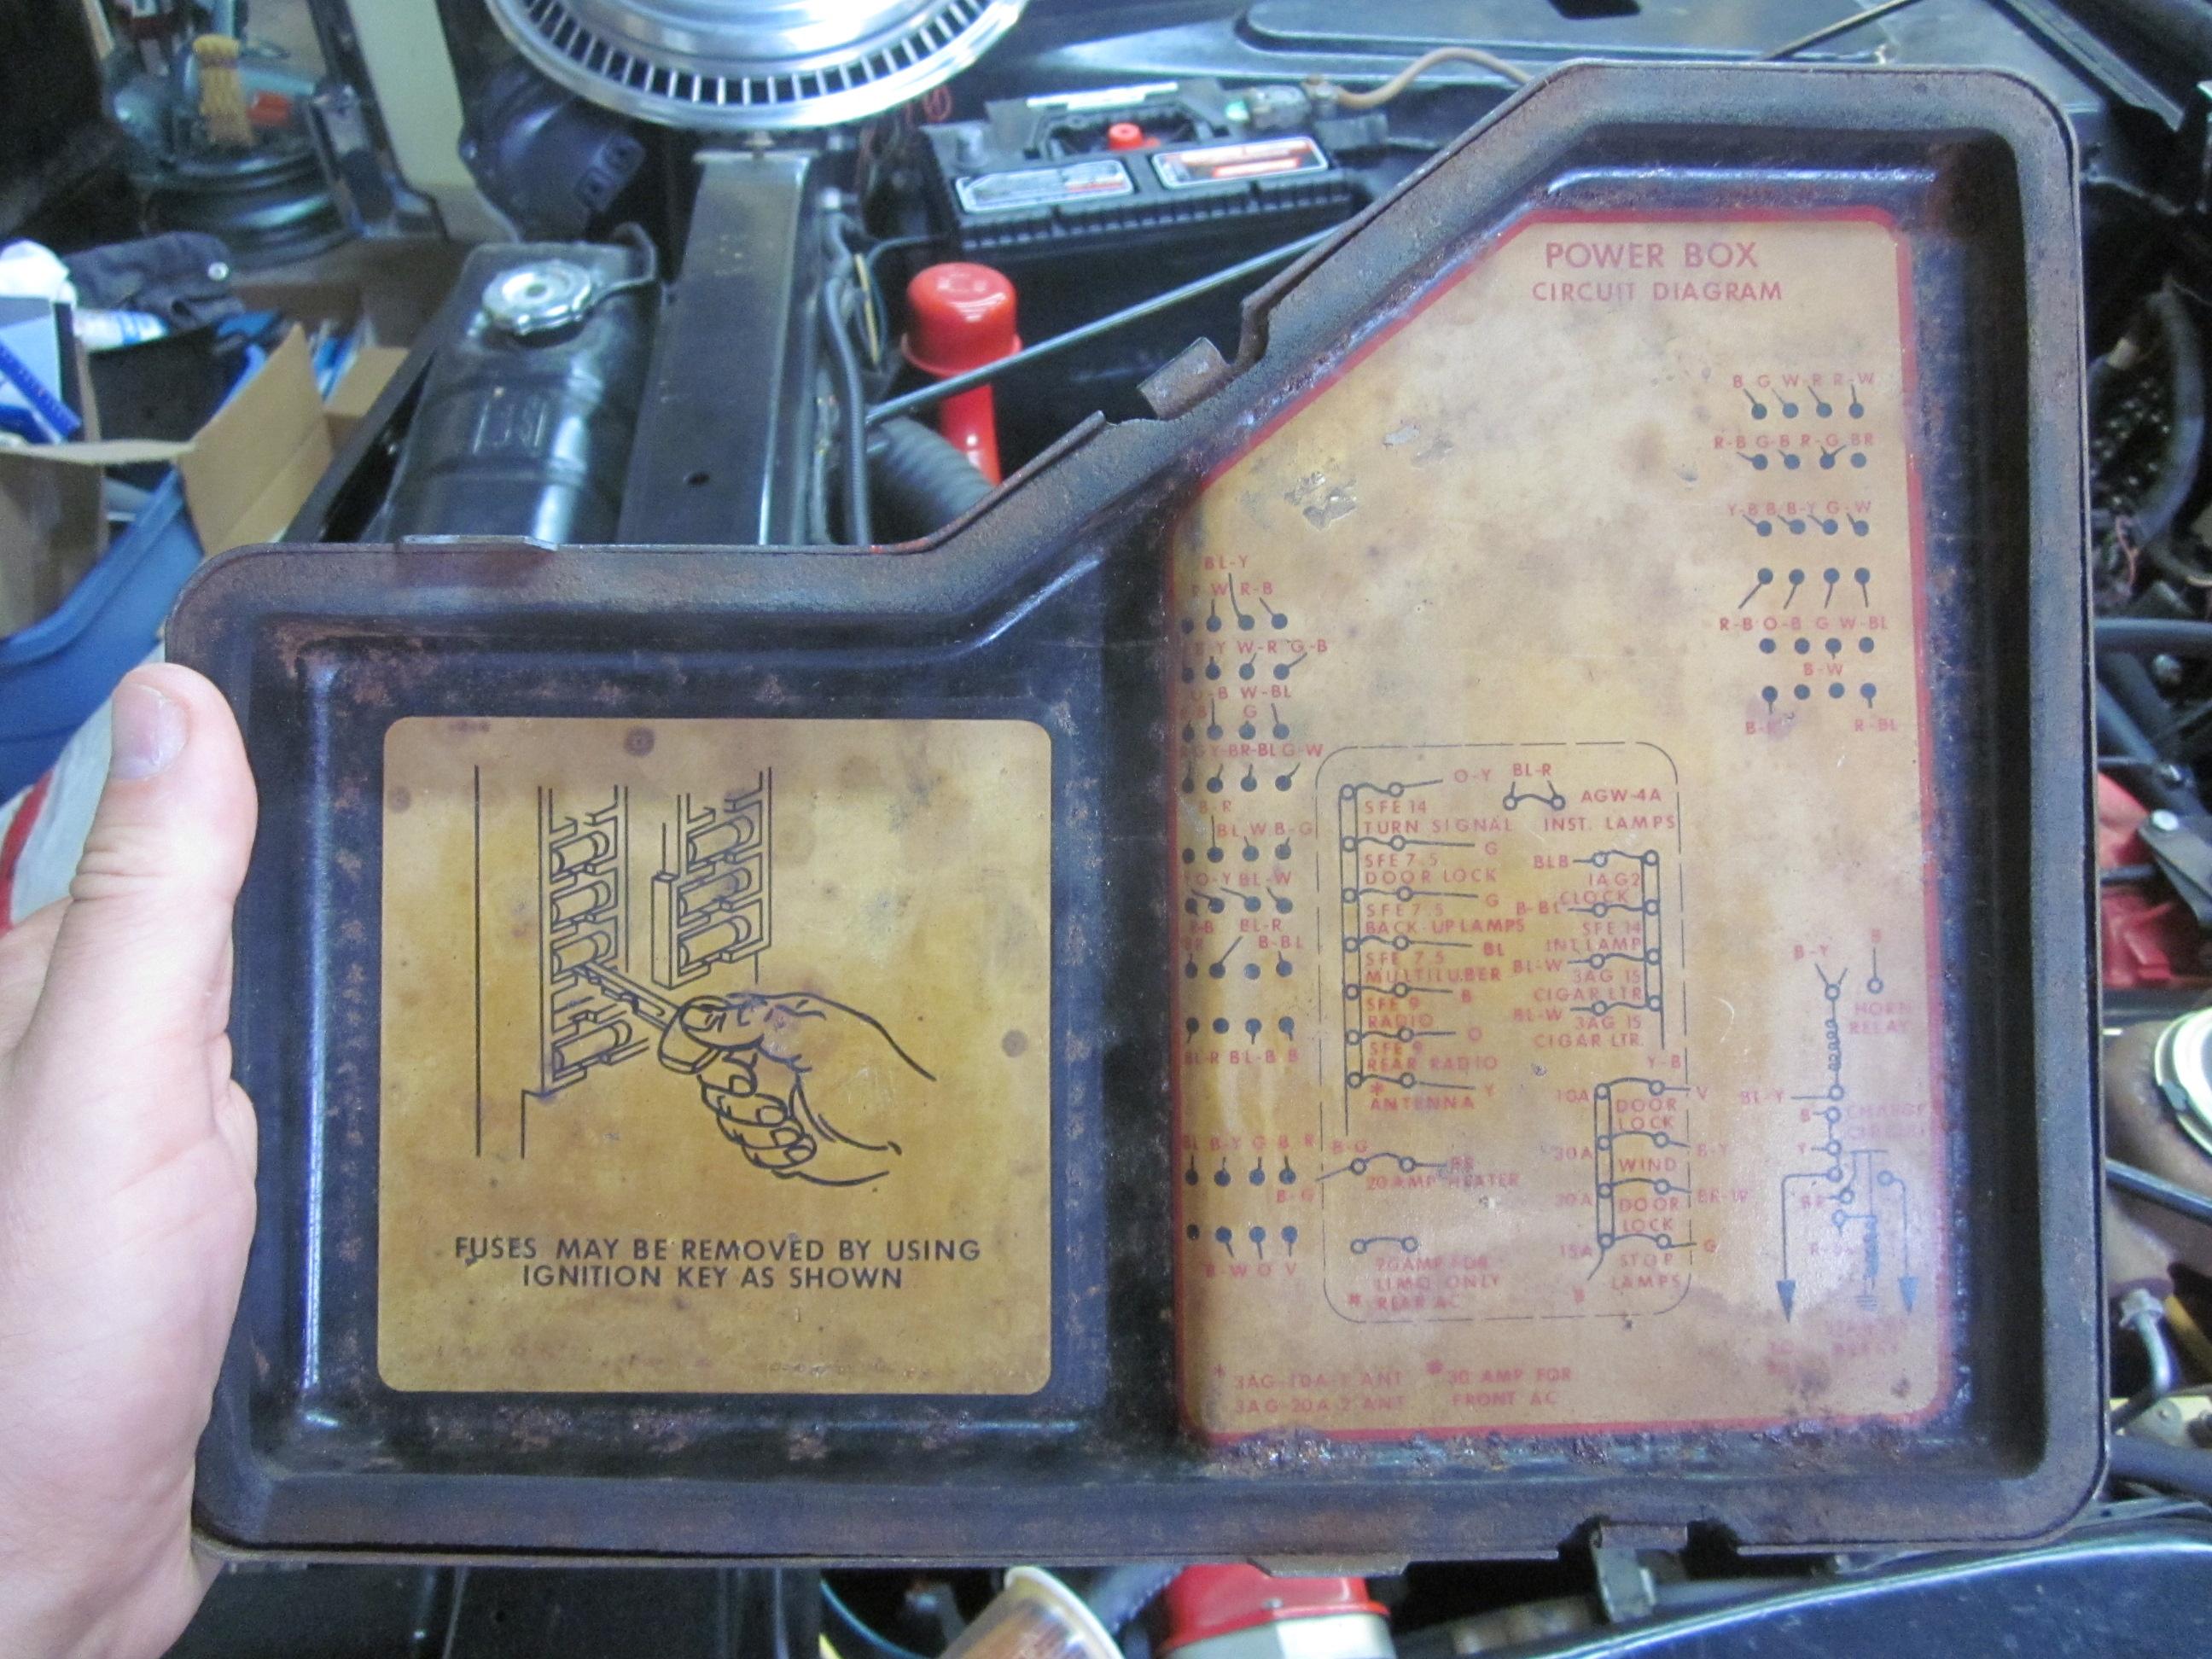 1967 ford thunderbird wiring diagram wb 2722  1967 ford ltd fuse box  wb 2722  1967 ford ltd fuse box